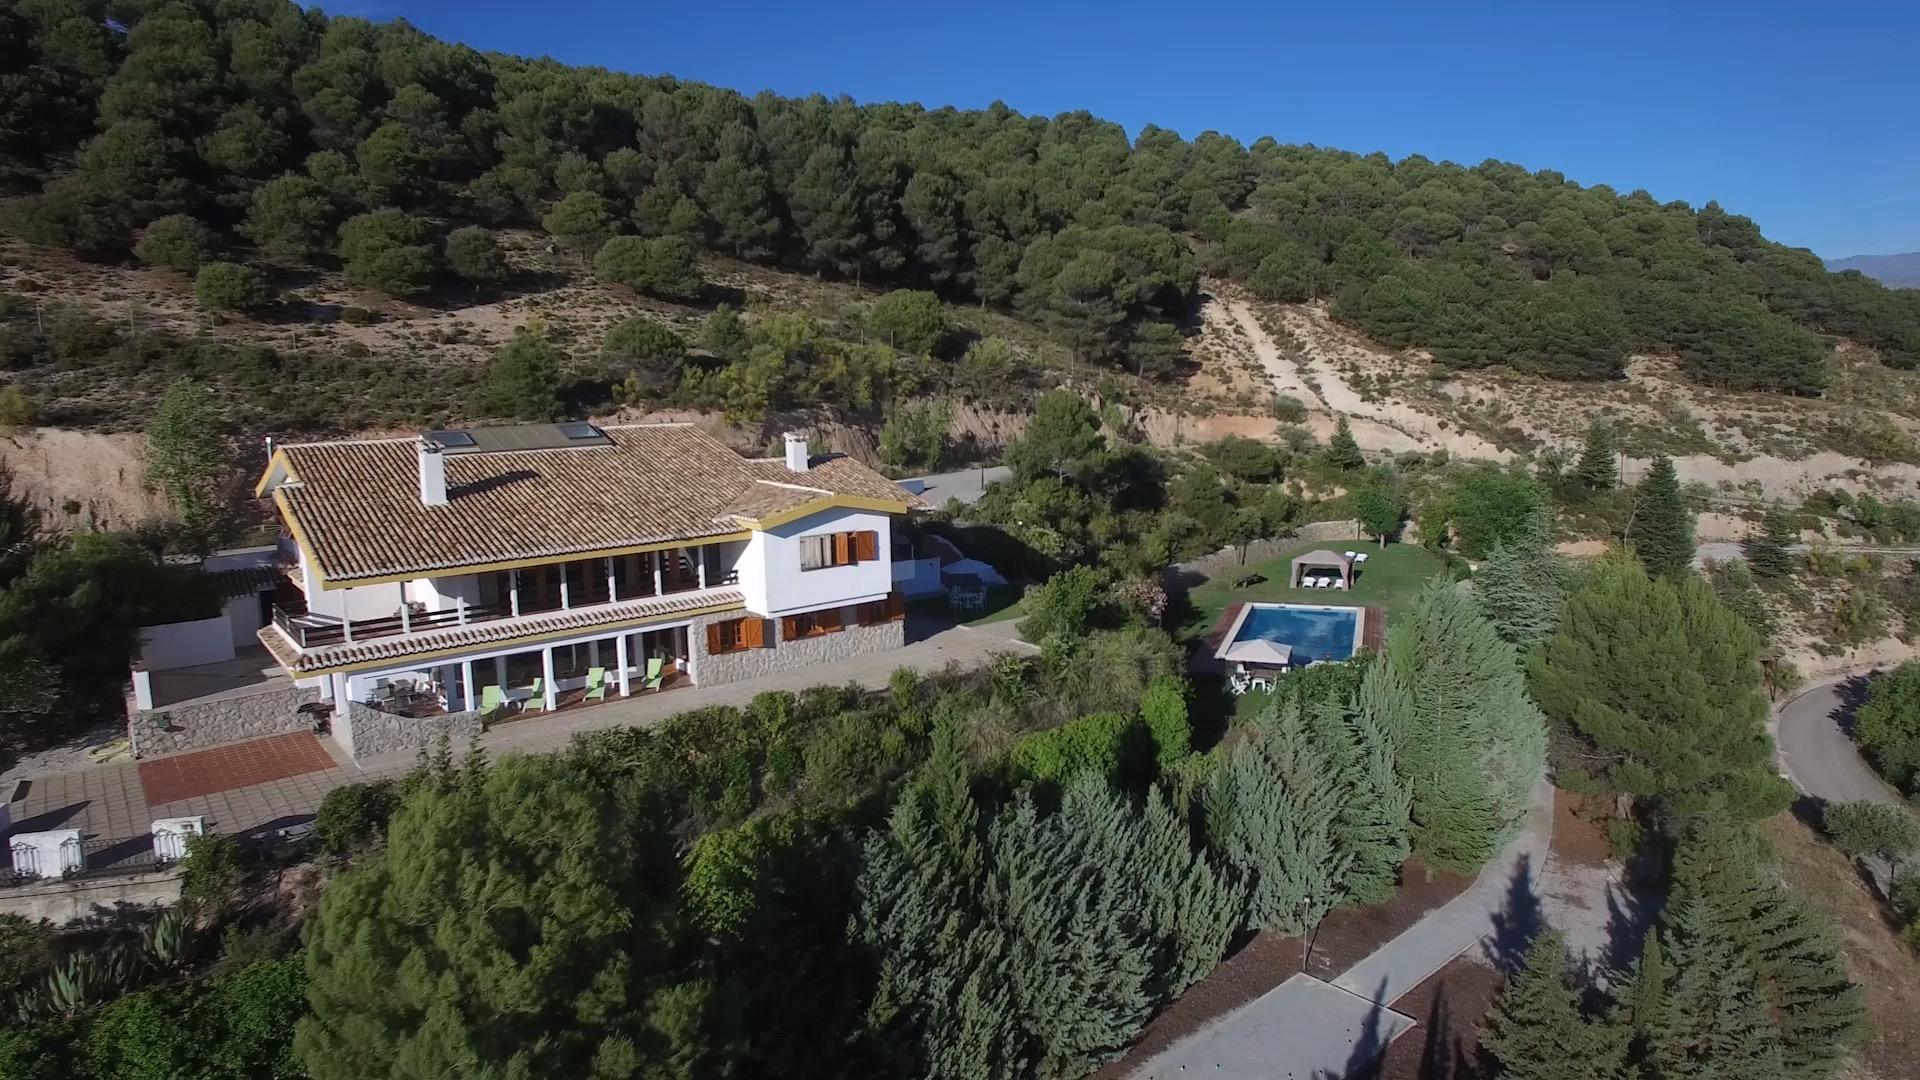 Alquiler de villa para familias con hijos en Granada